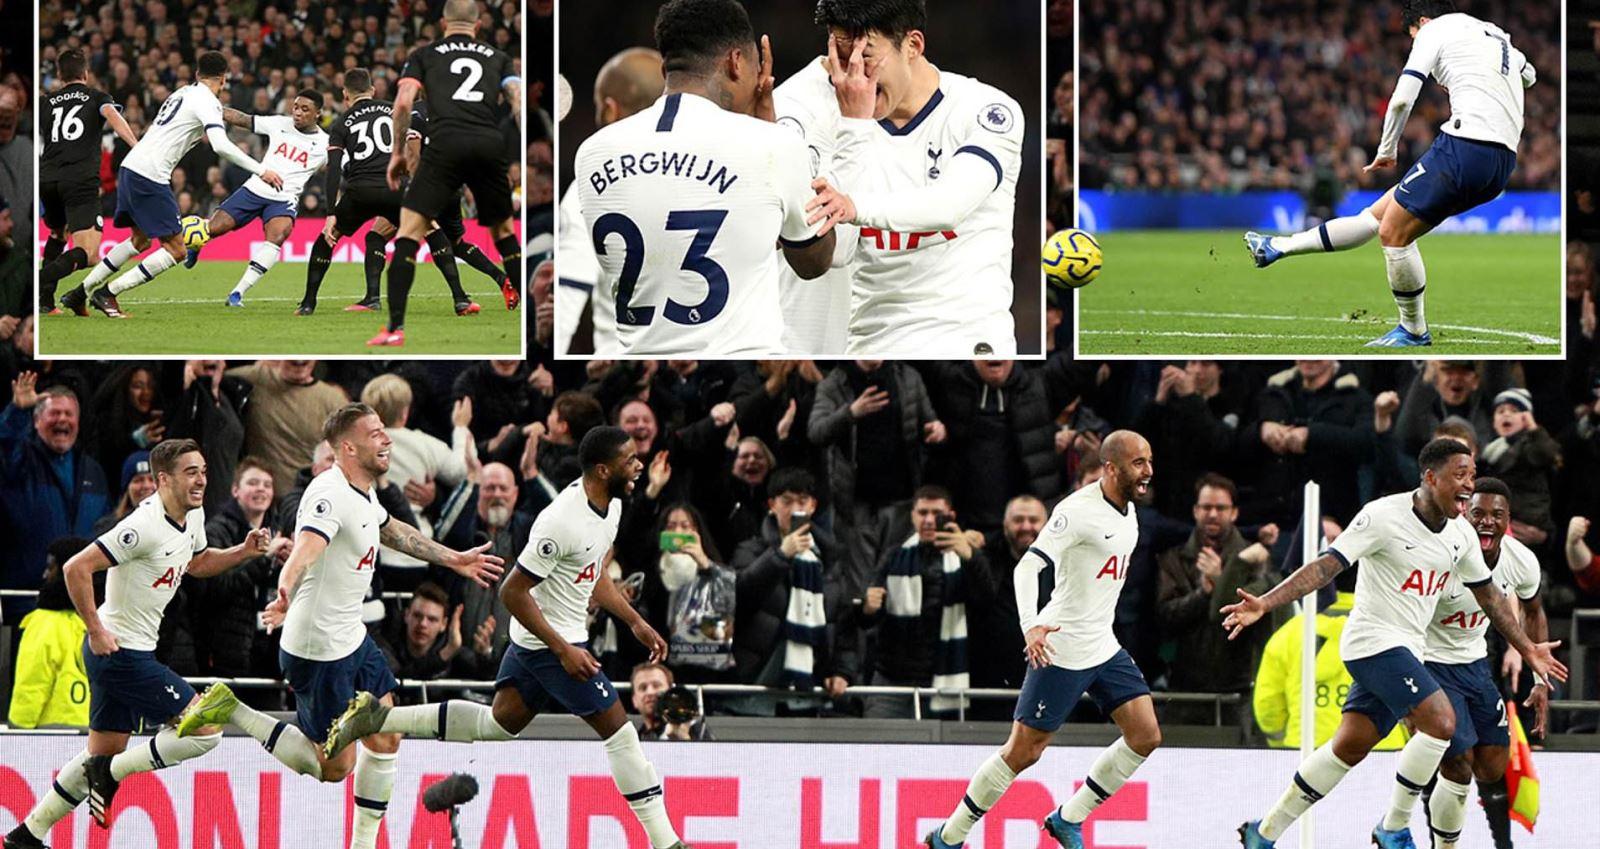 Barcelona, Tottenham, Mourinho, Pep Guardiola, Man City, bóng đá, kết quả bóng đá, Messi, Ansu Fati, lịch thi đấu, trực tiếp bóng đá